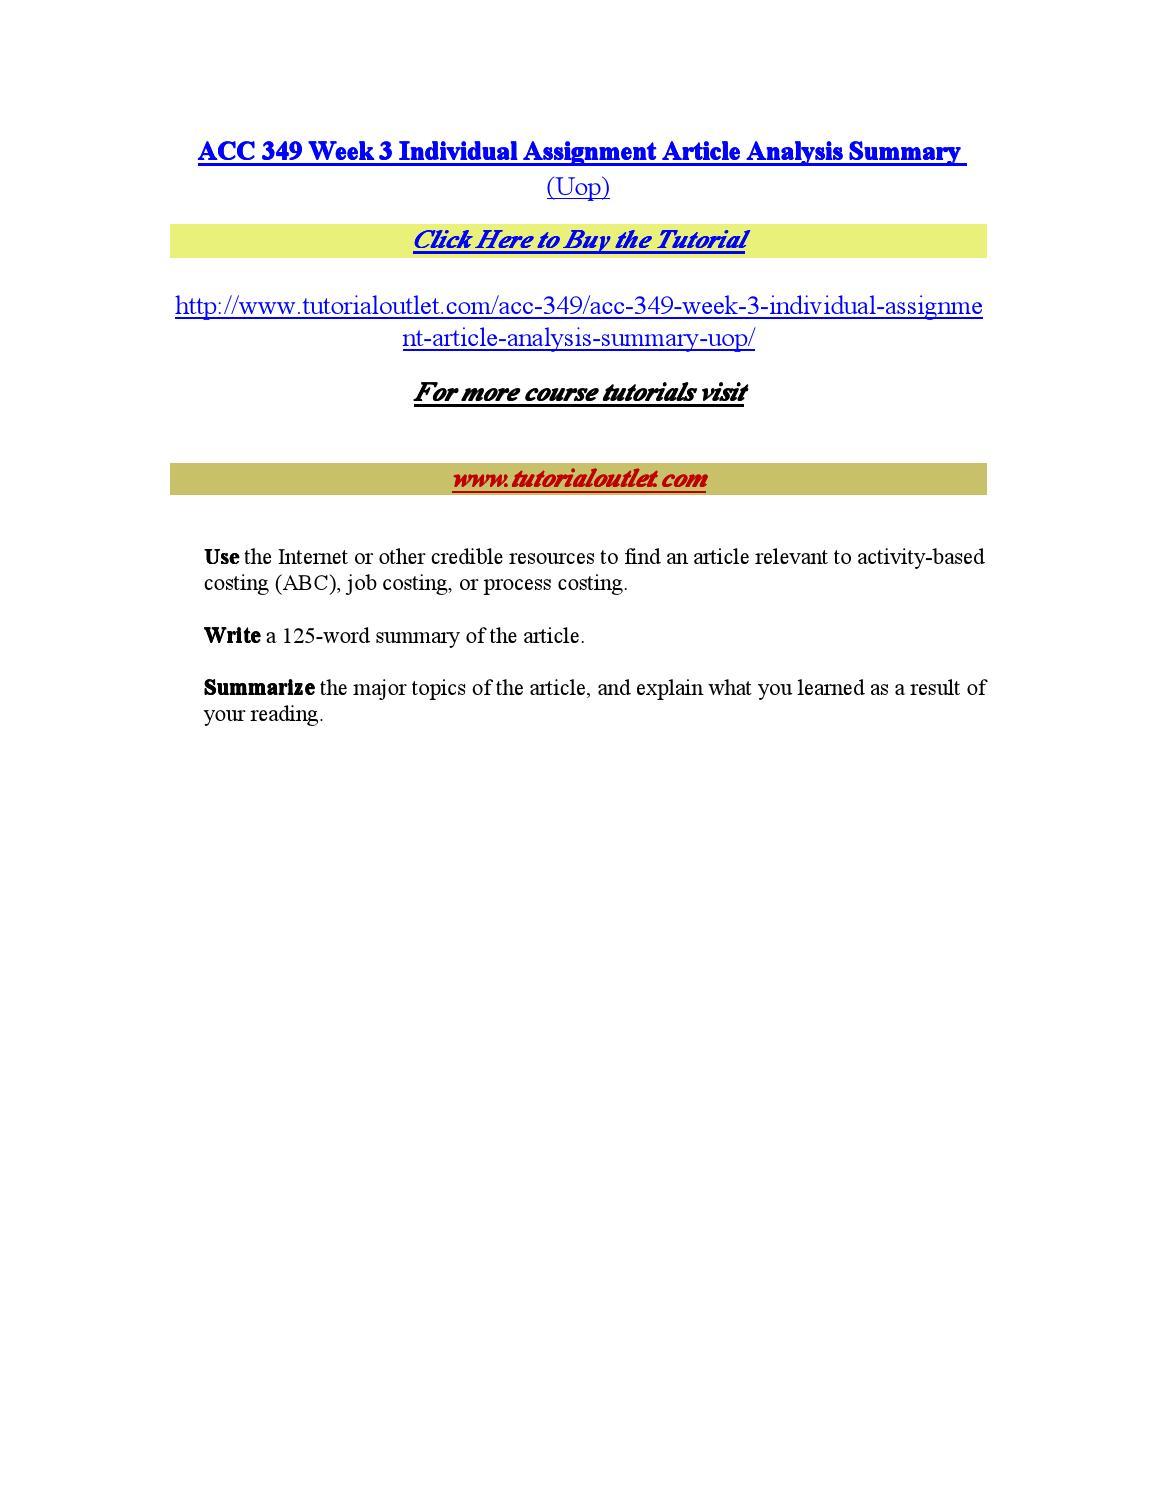 ACC 349 PAPER Technology levels / acc349paper.com